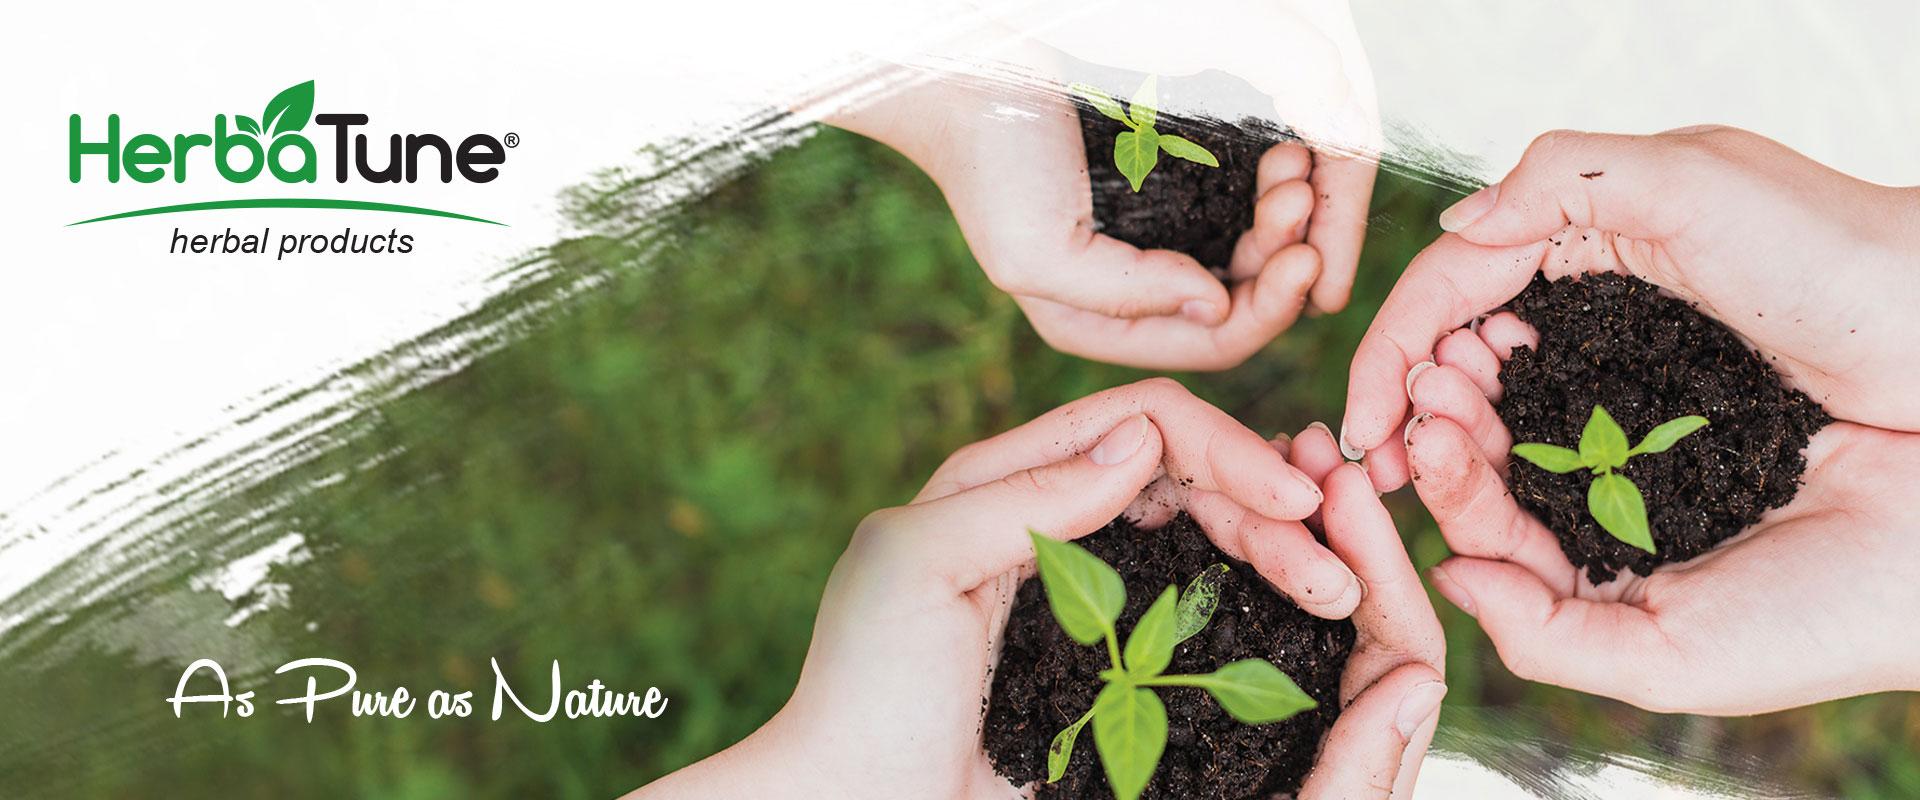 هرباتیون - گیاهان دارویی